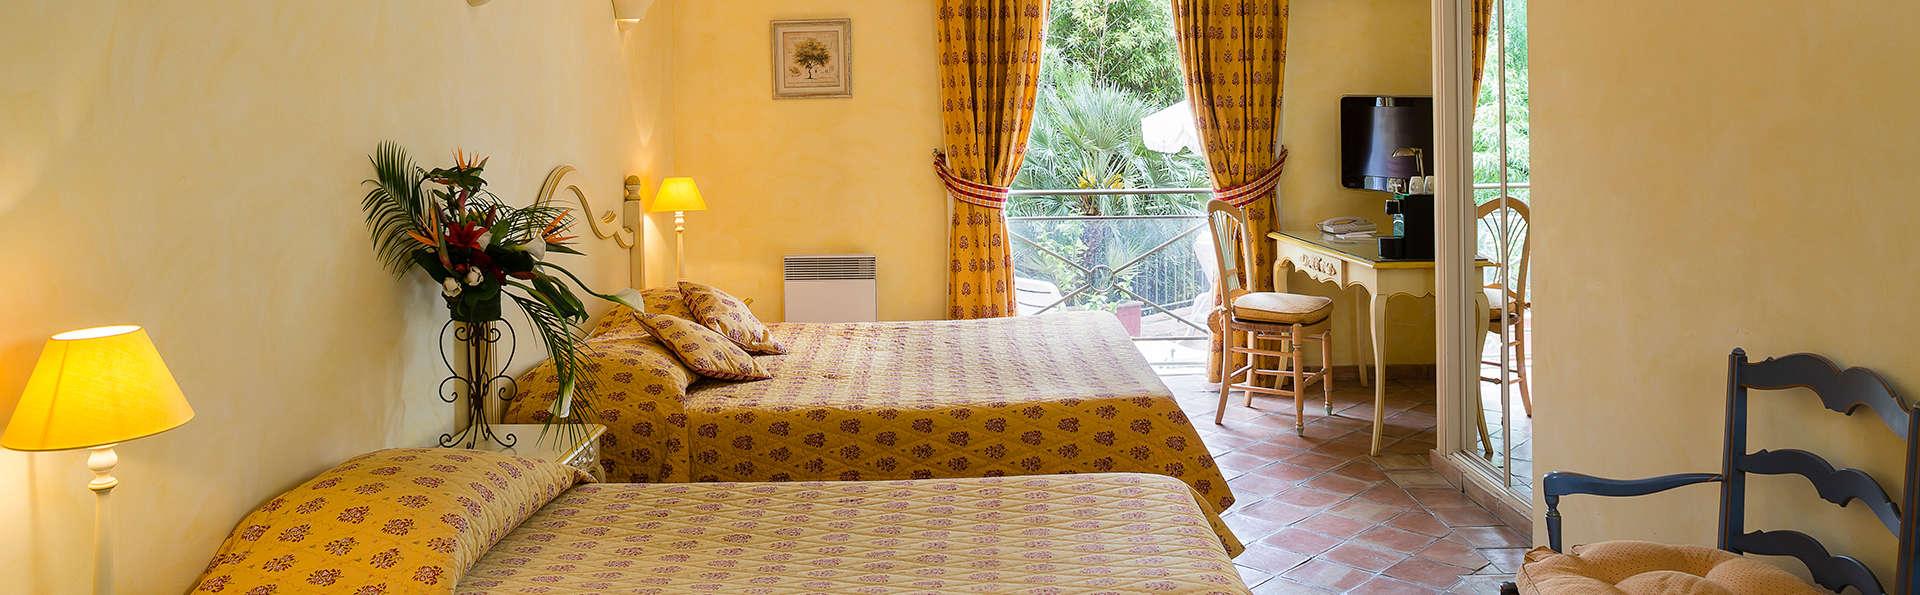 Verblijf in een superieure kamer in de Provence